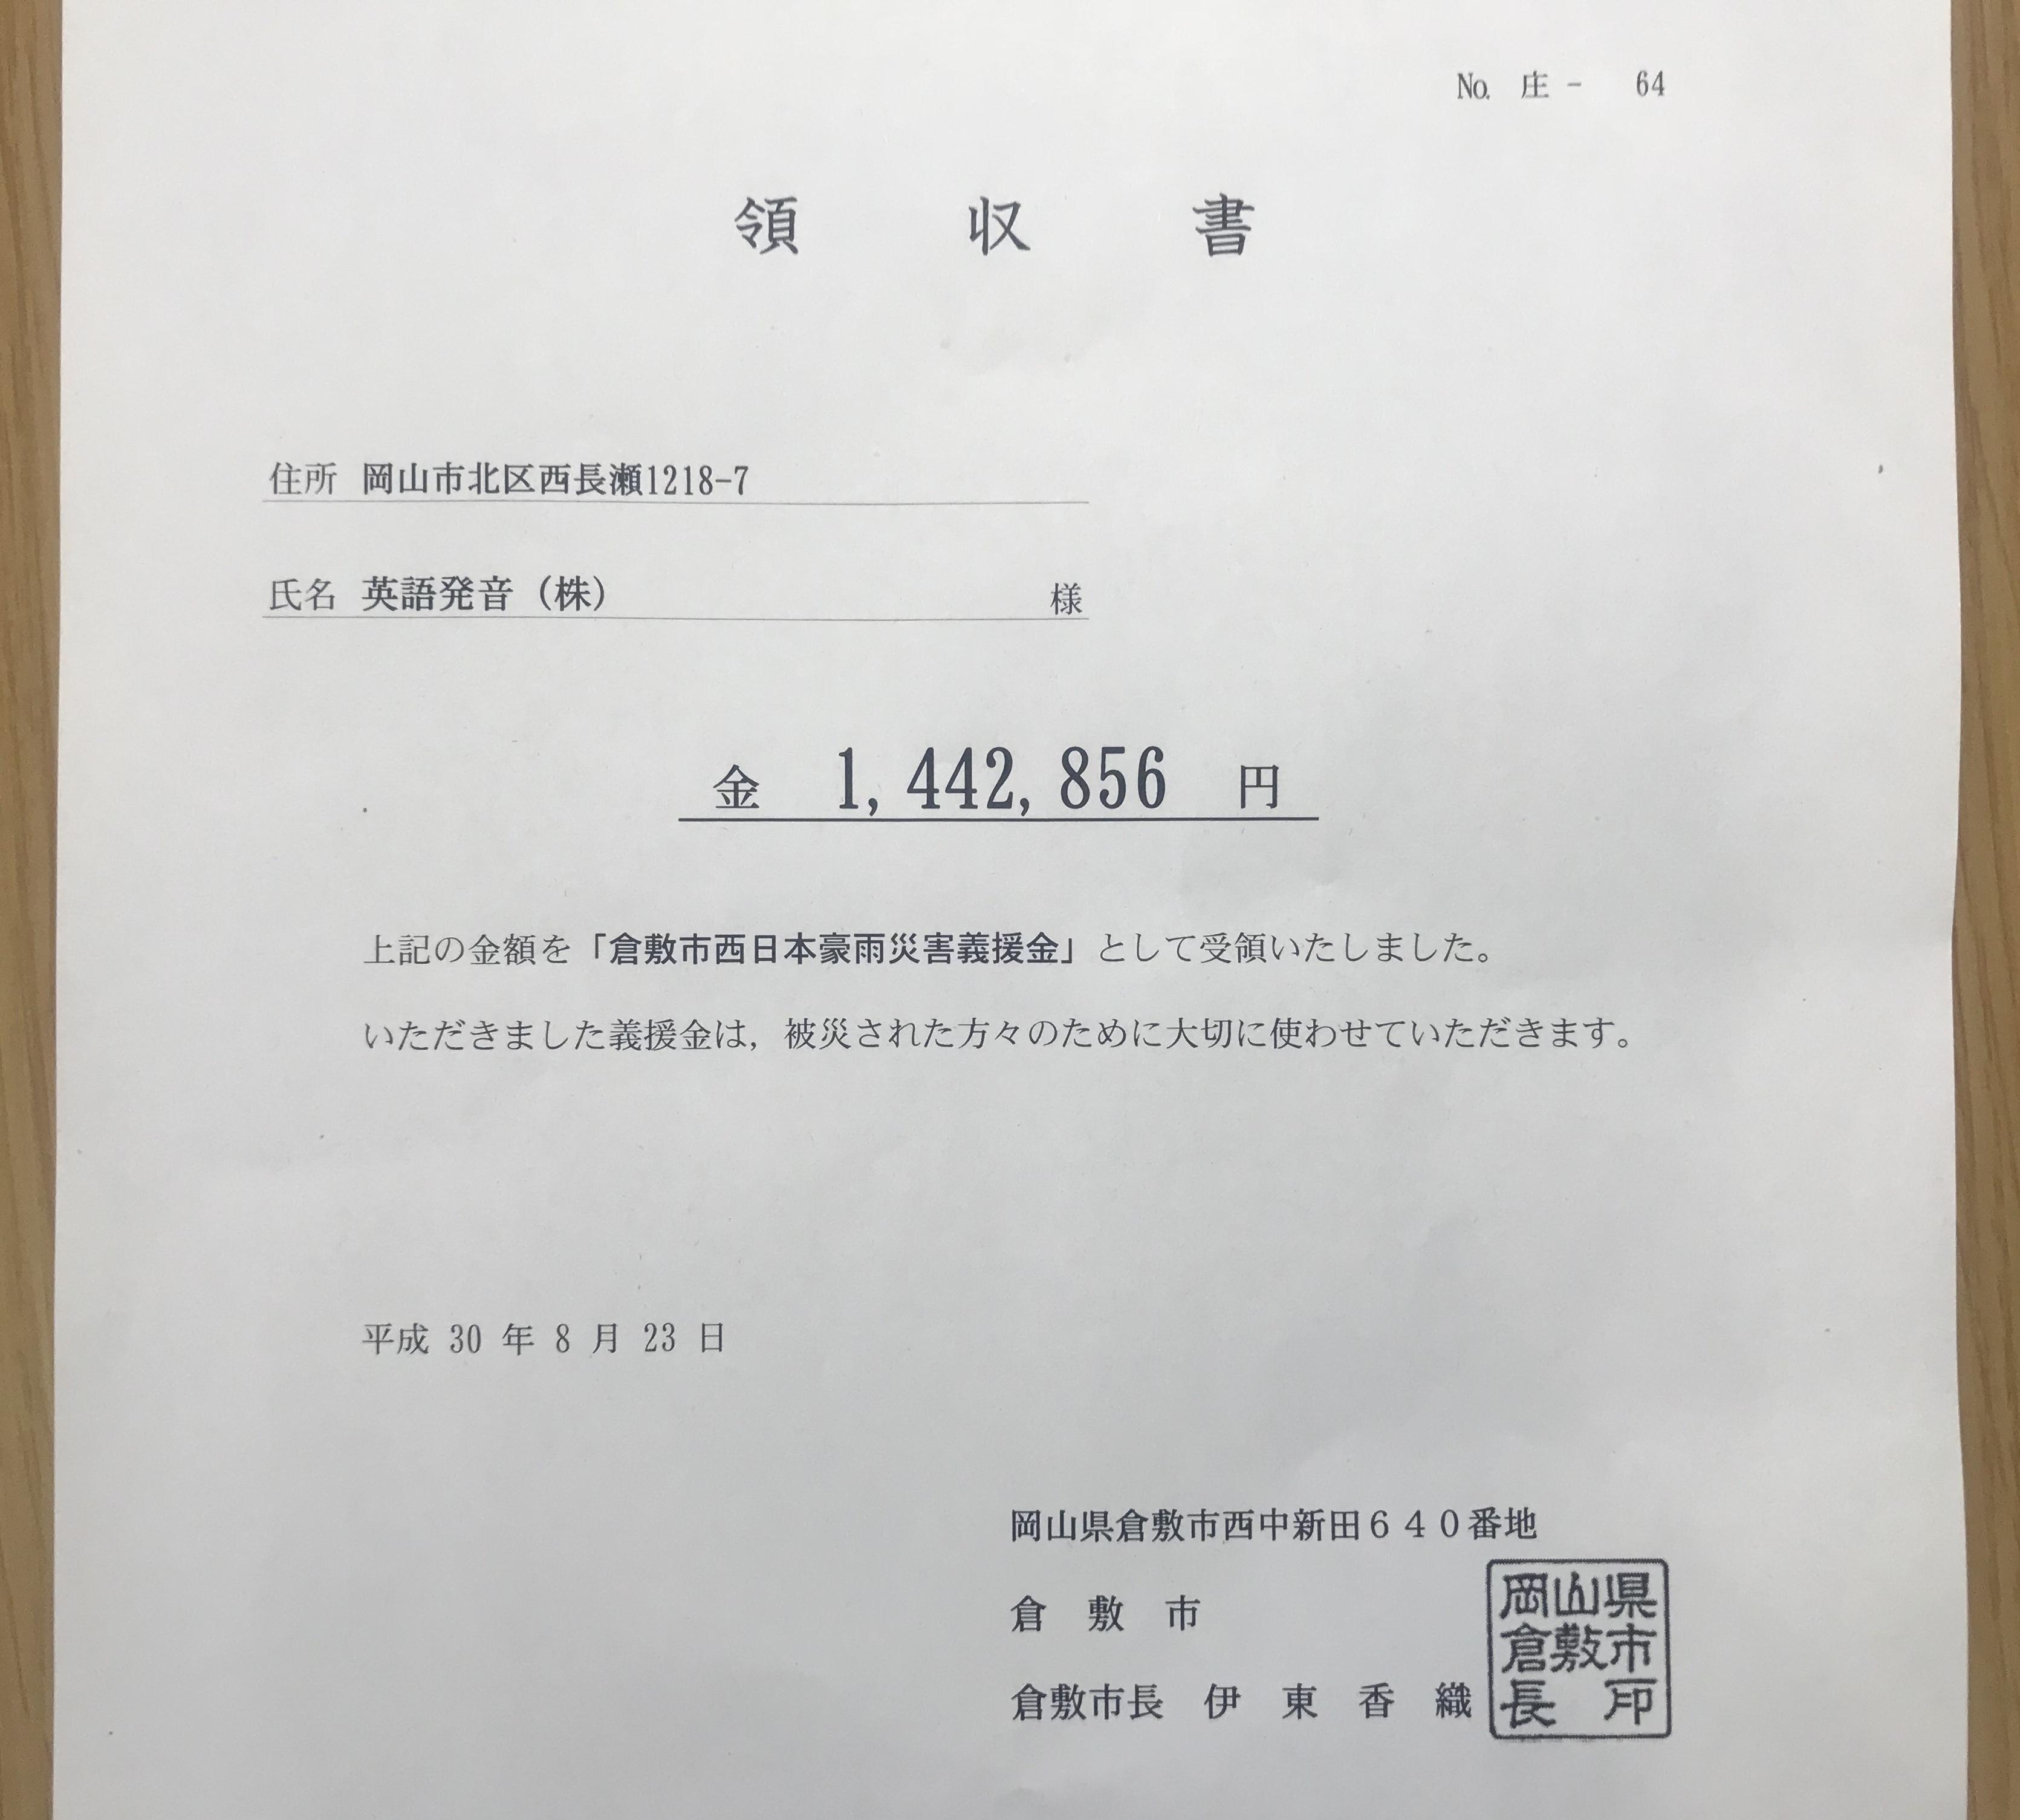 KurashikiDonation_7959.jpg